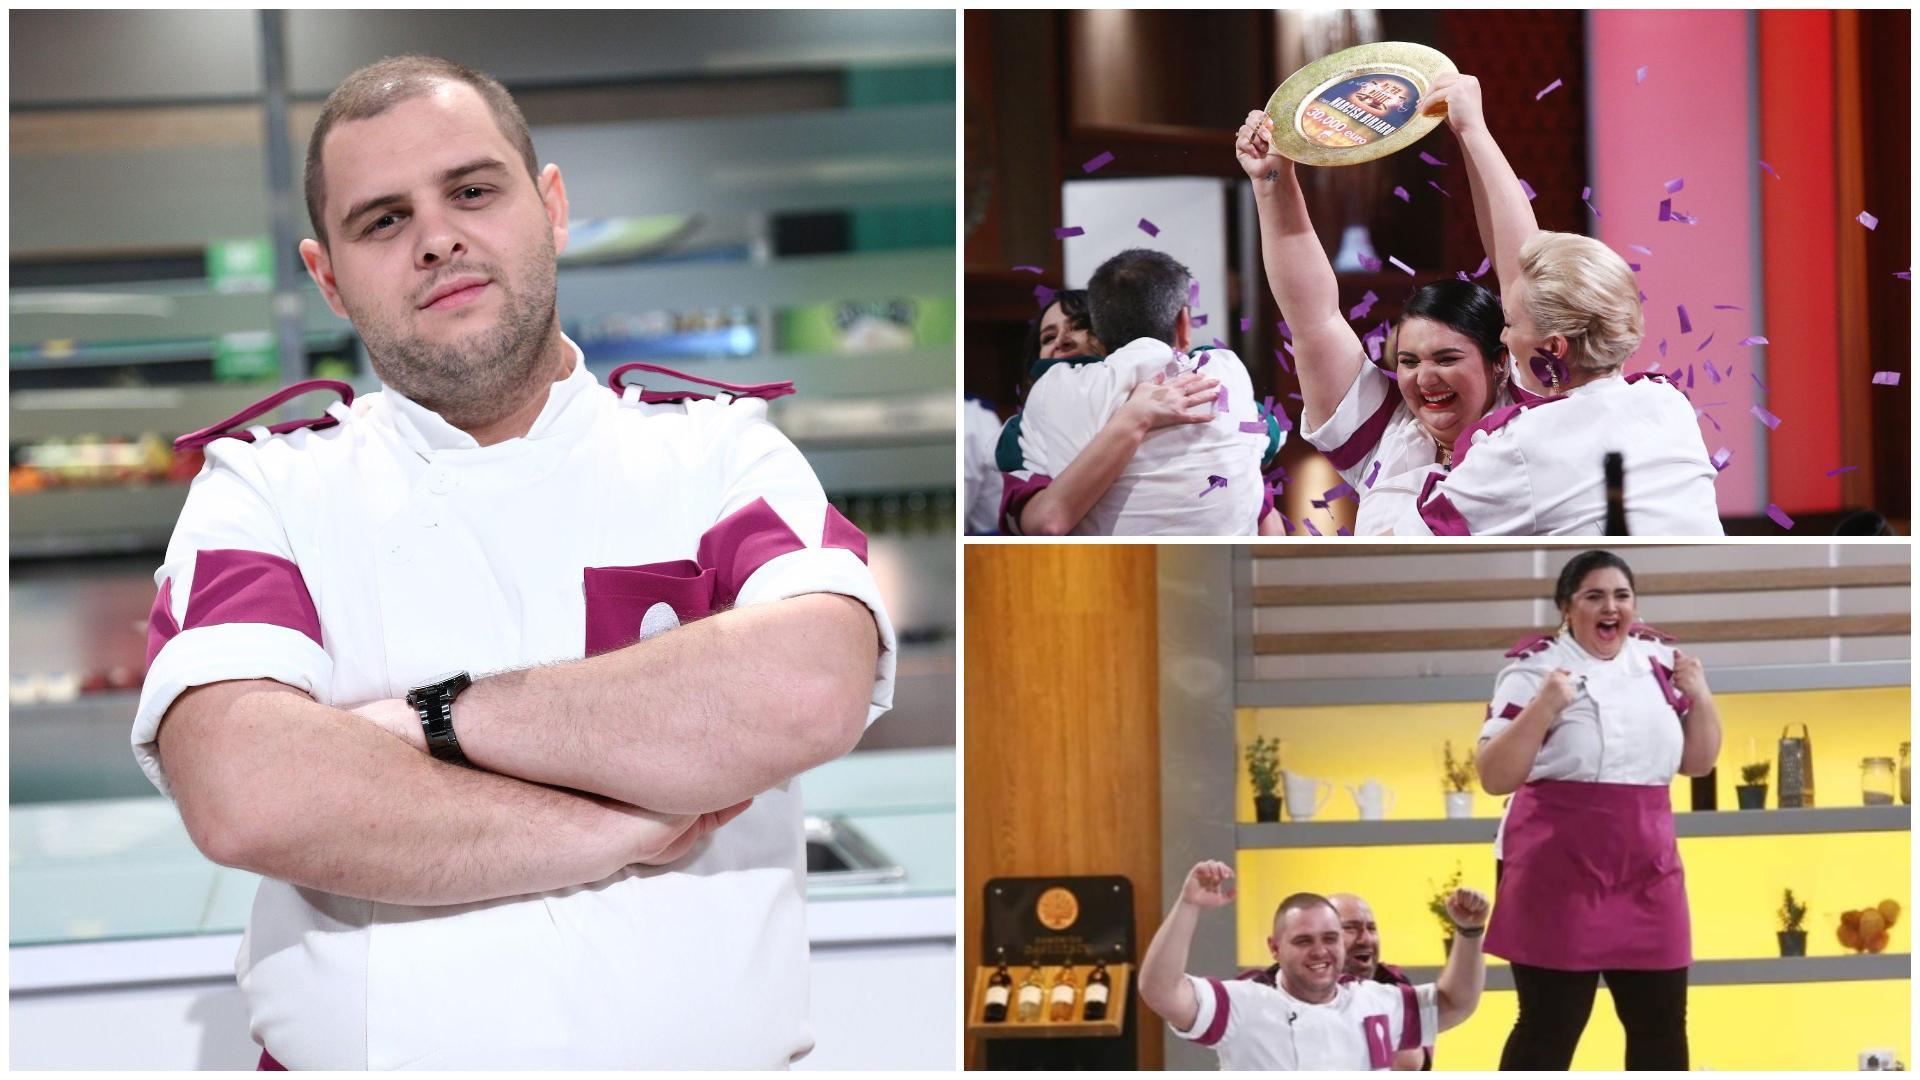 Ce spune Alexandru Bădițoaia despre ajutorul pe care i l-a oferit Narcisei Birjaru în Finala de la Chefi la cuțite